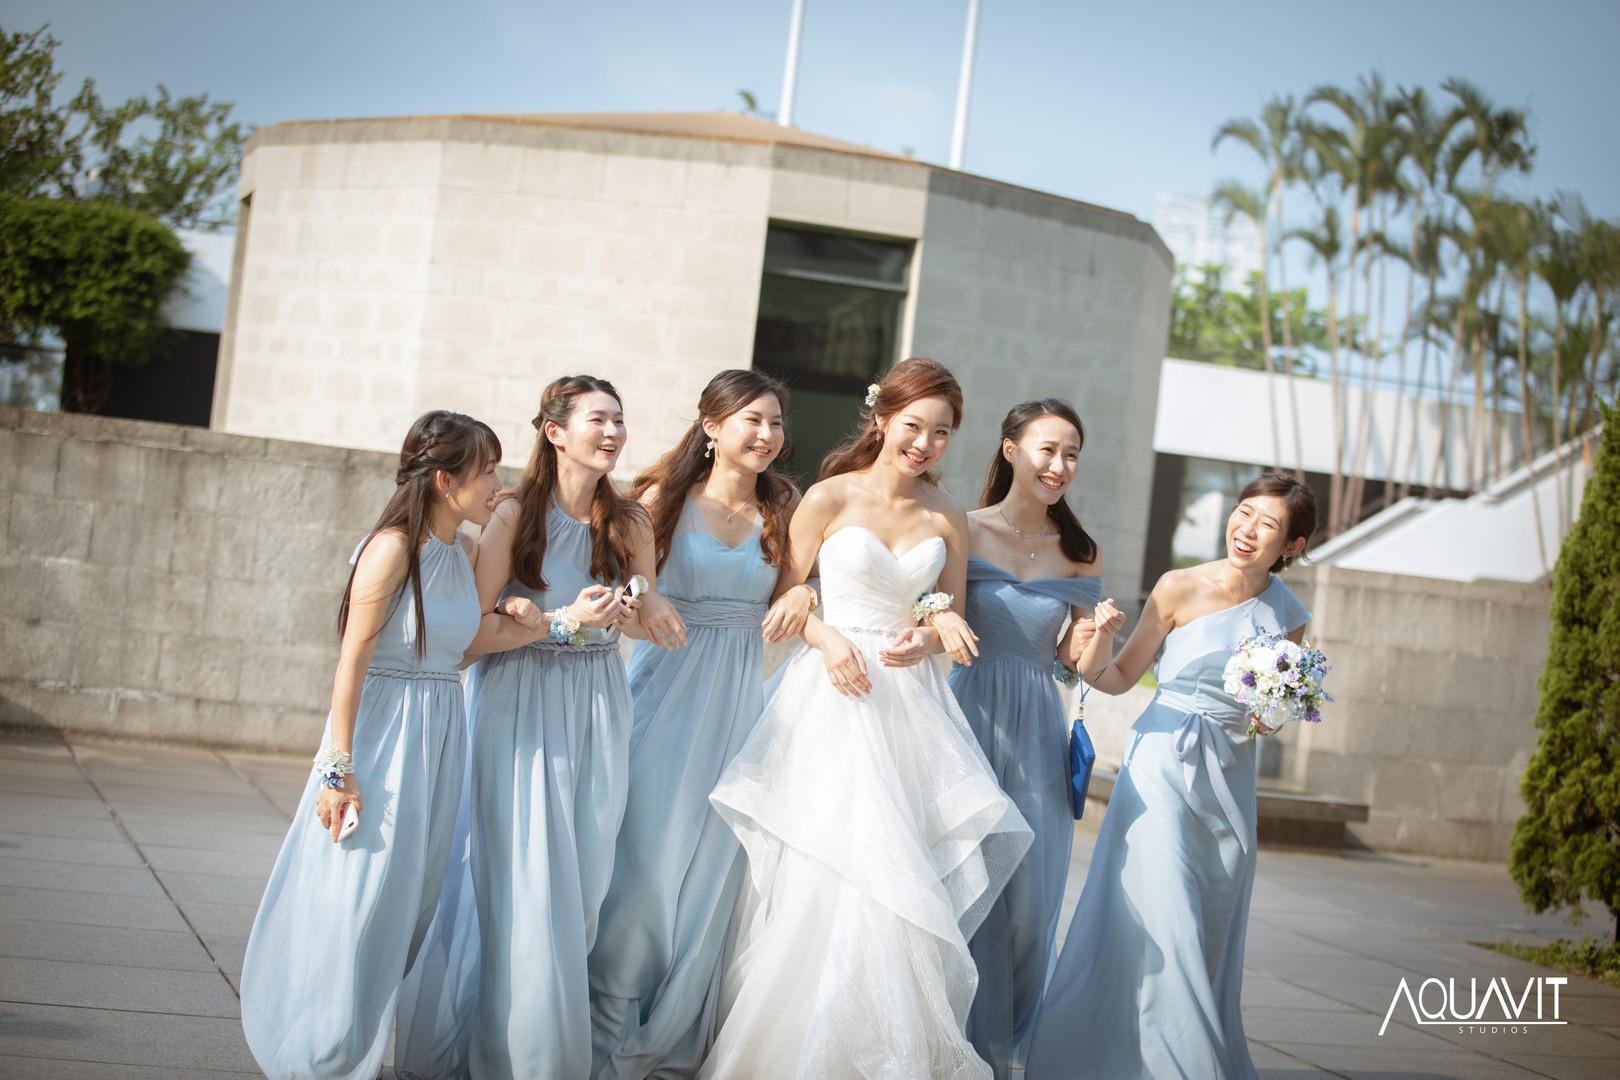 Aquavit Studios | Wedding Day